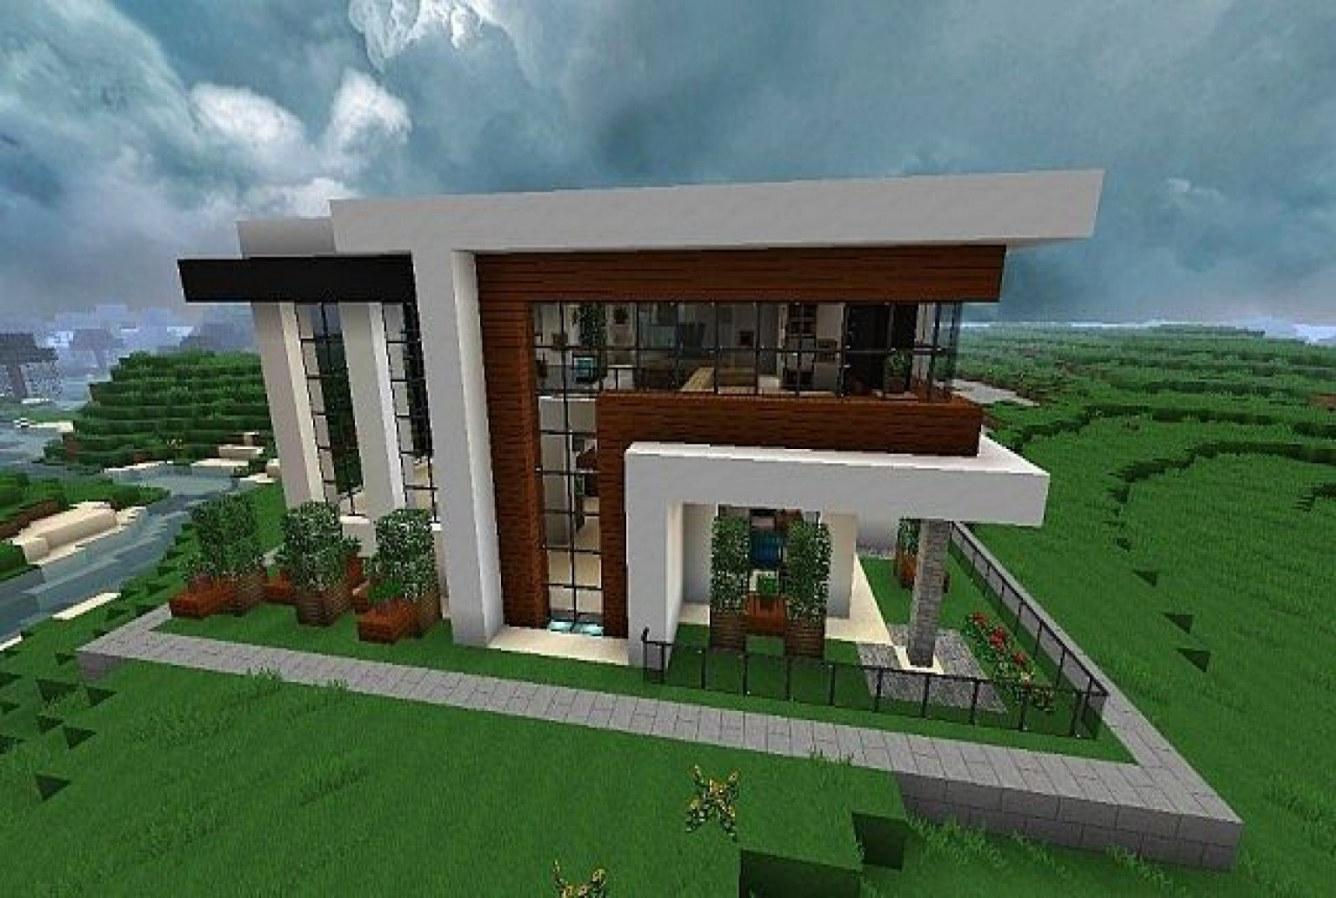 Maison moderne sur le terrain dans un minecraft